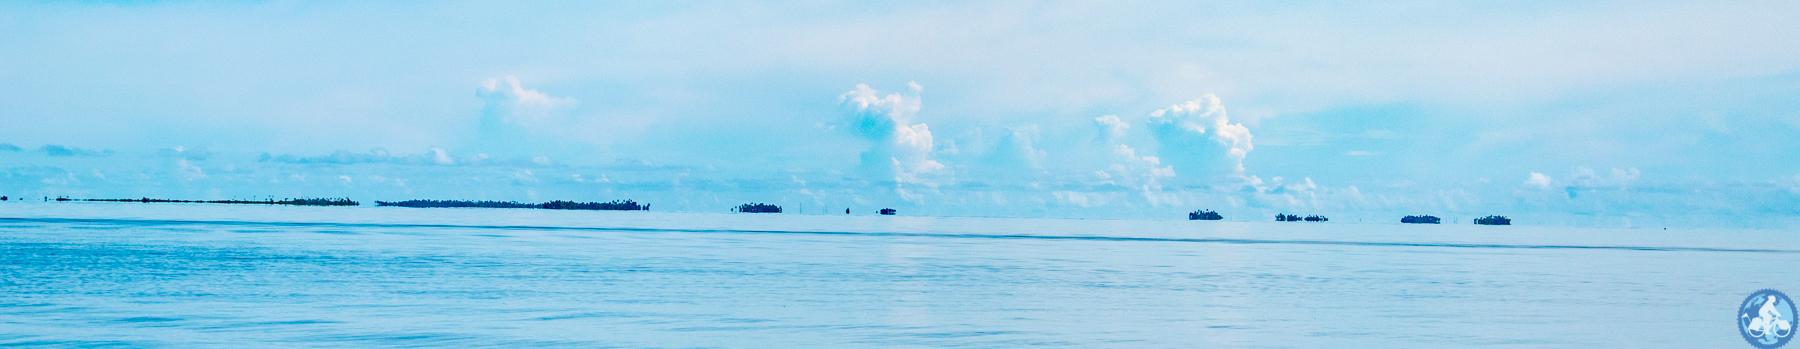 Panama-14